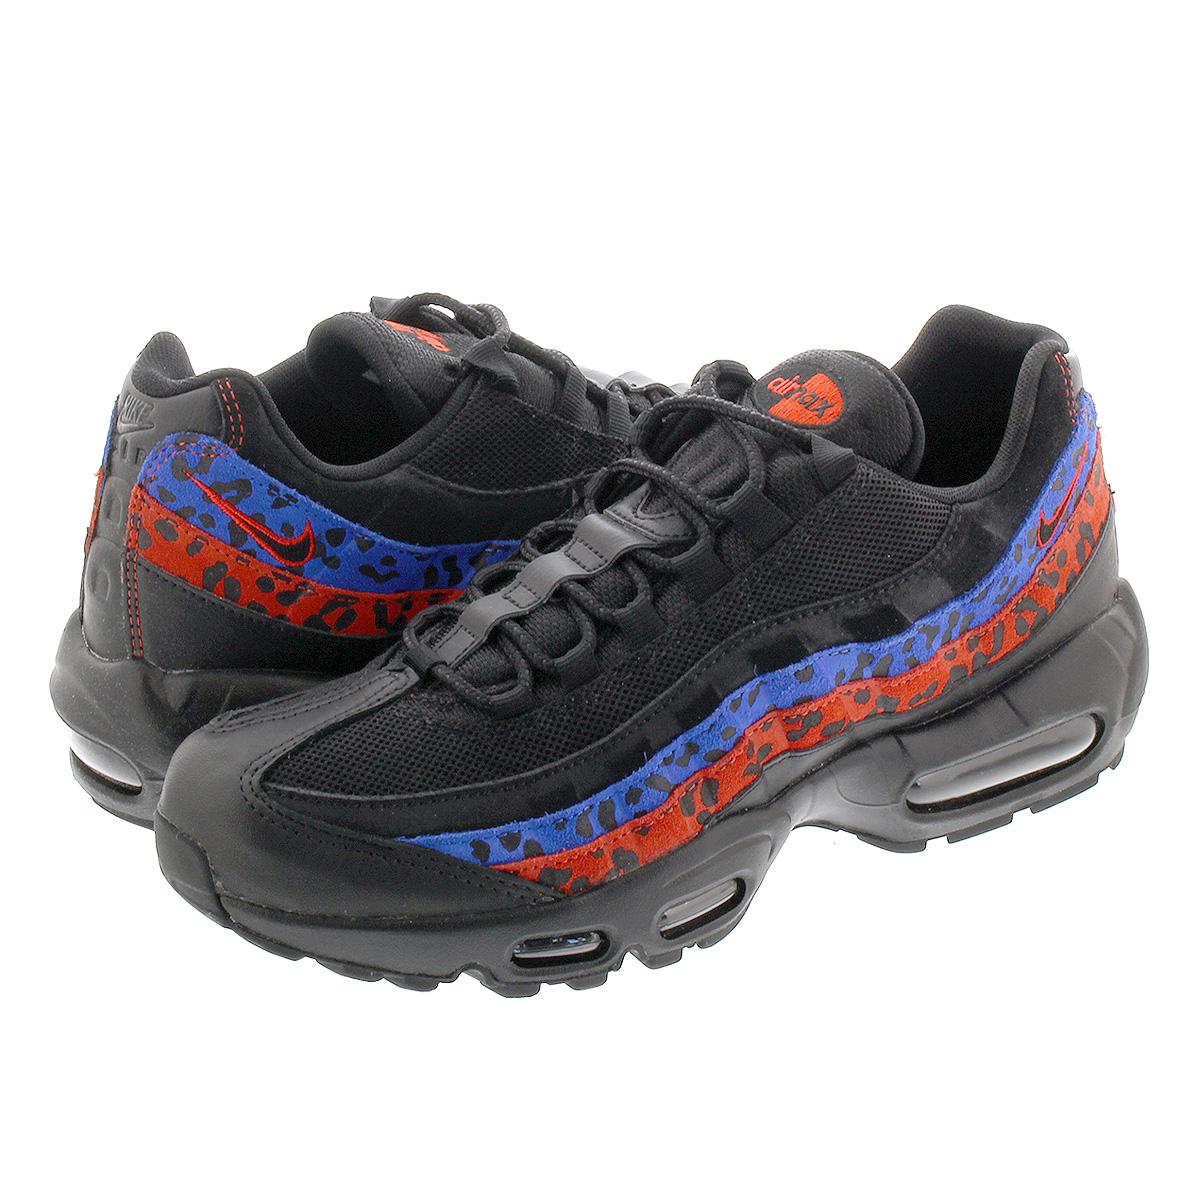 Nike Air Max 95 Black Red | CD0180 001